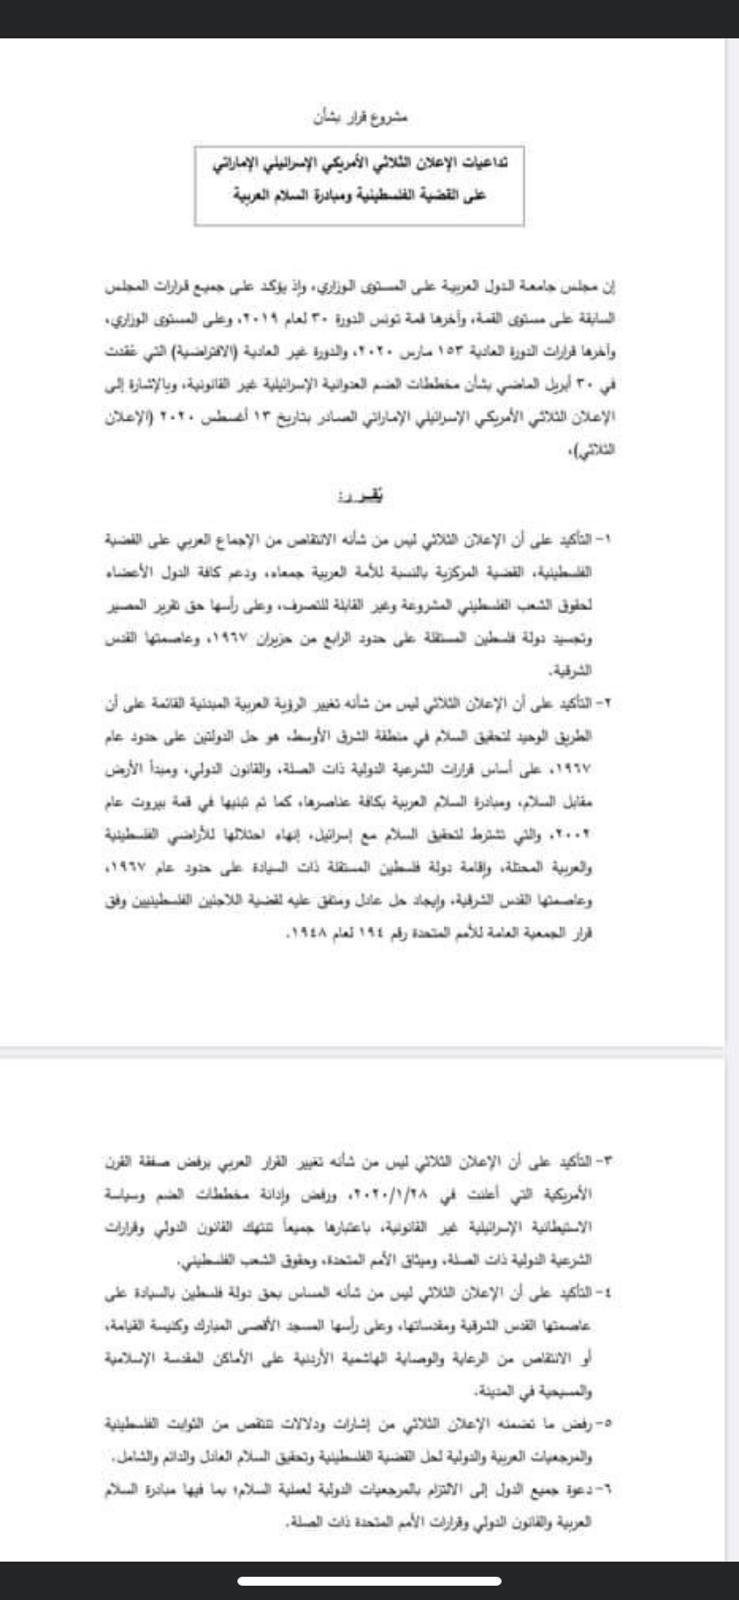 وزراء الخارجية العرب يسقطون مشروع قرار فلسطيني بإدانة التطبيع مع الاحتلال